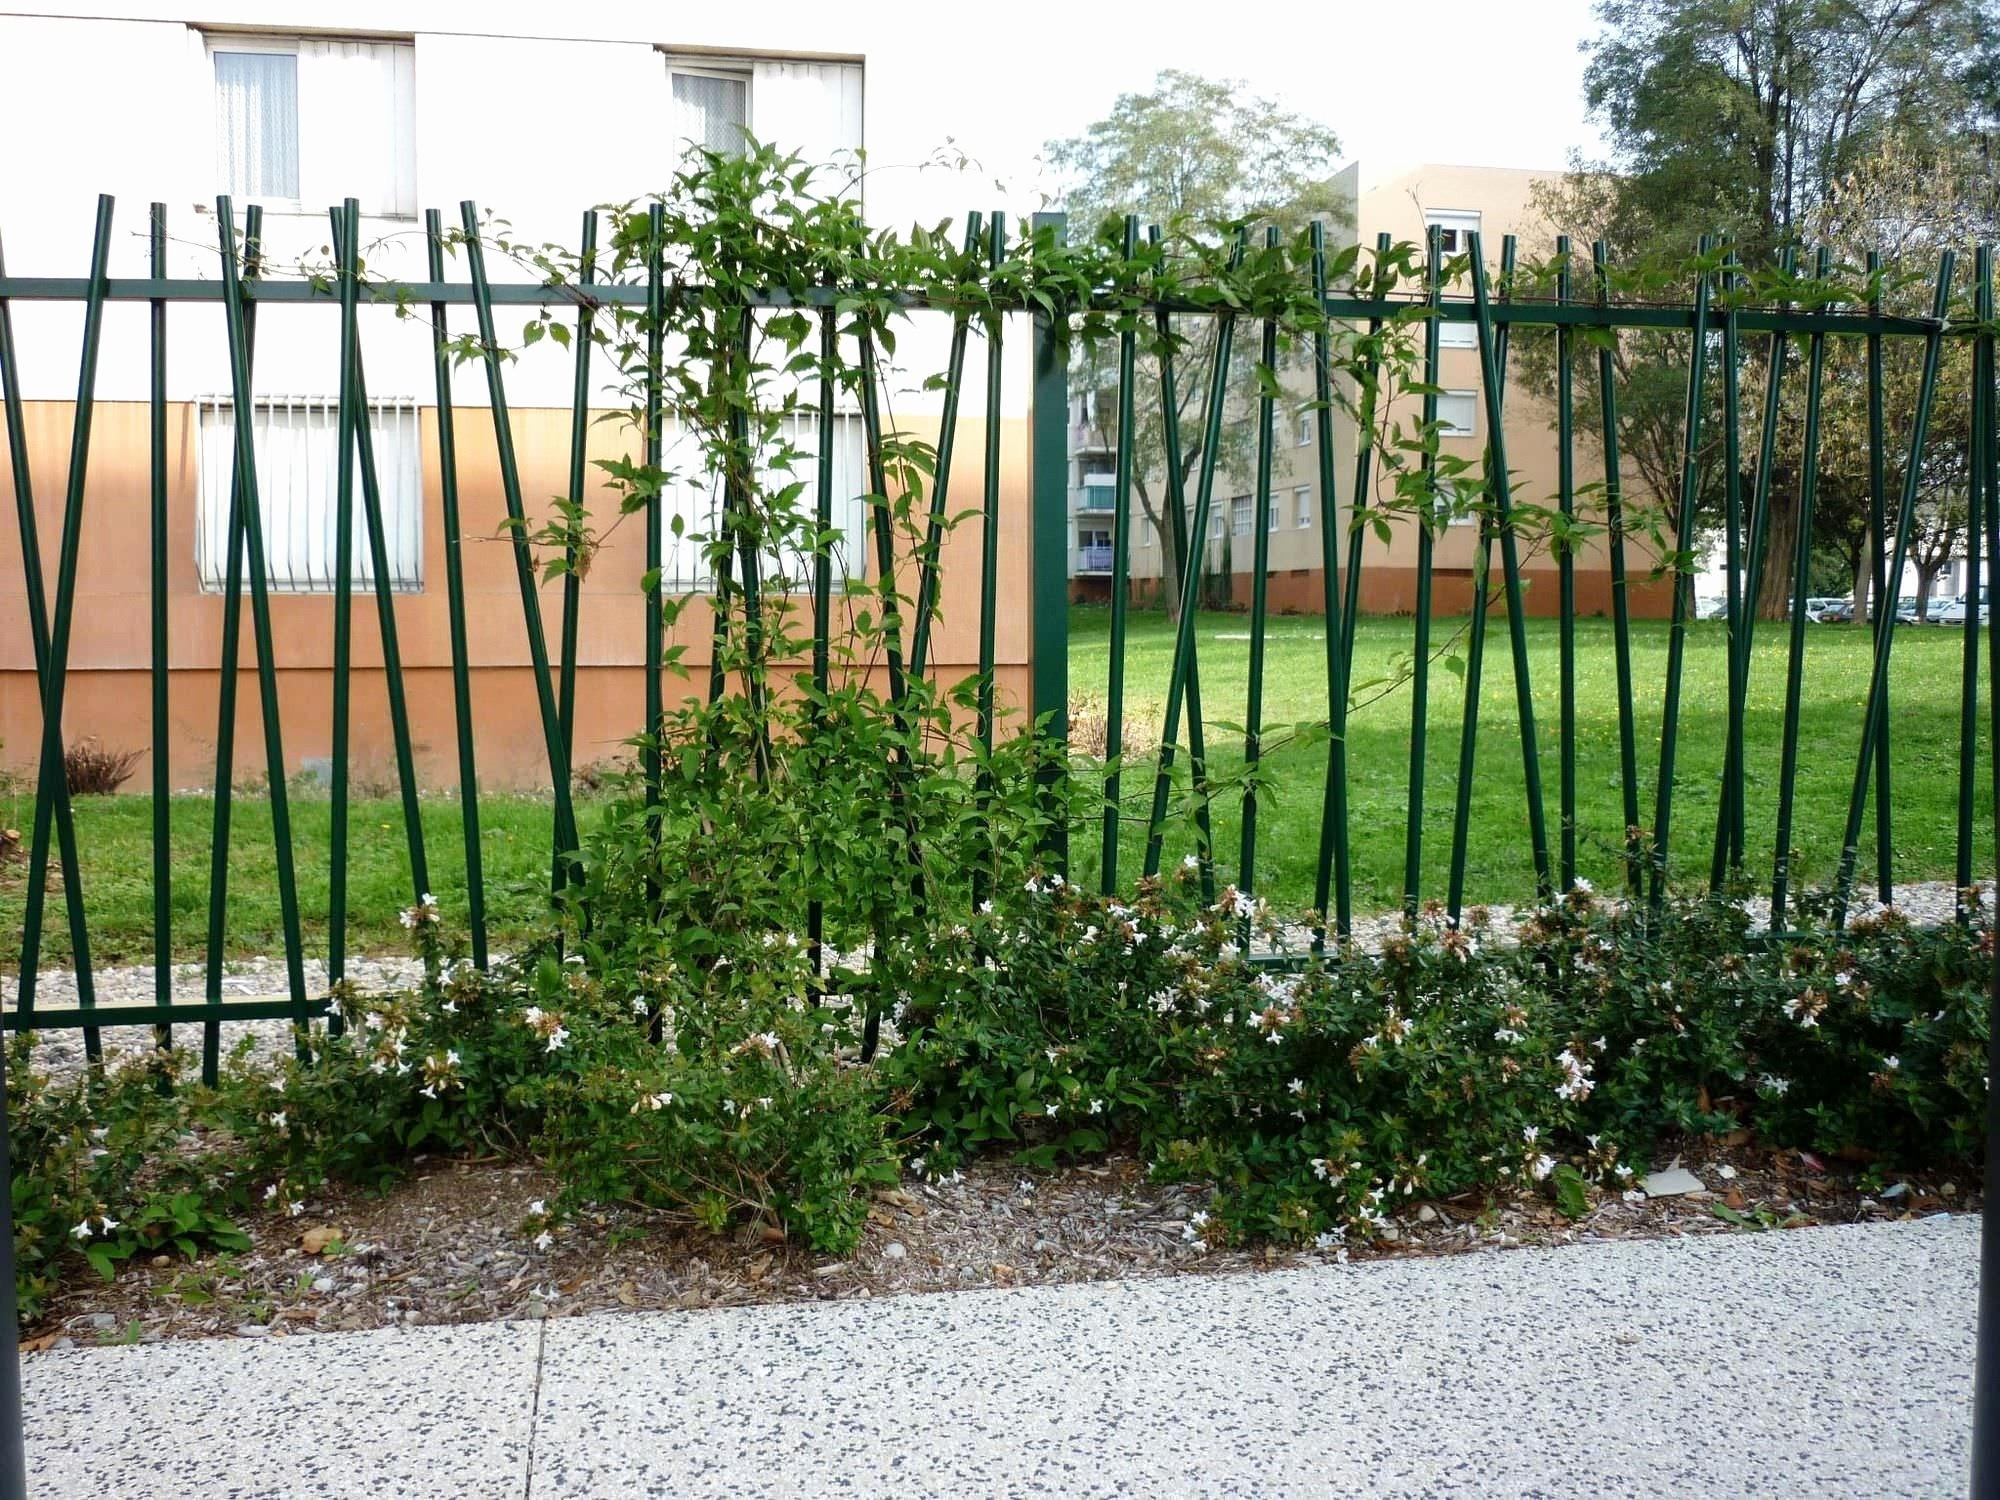 Castorama Abri De Jardin Bois Élégant Photos Abri De Jardin En Bois Castorama Plus Finest Cabane De Jardin